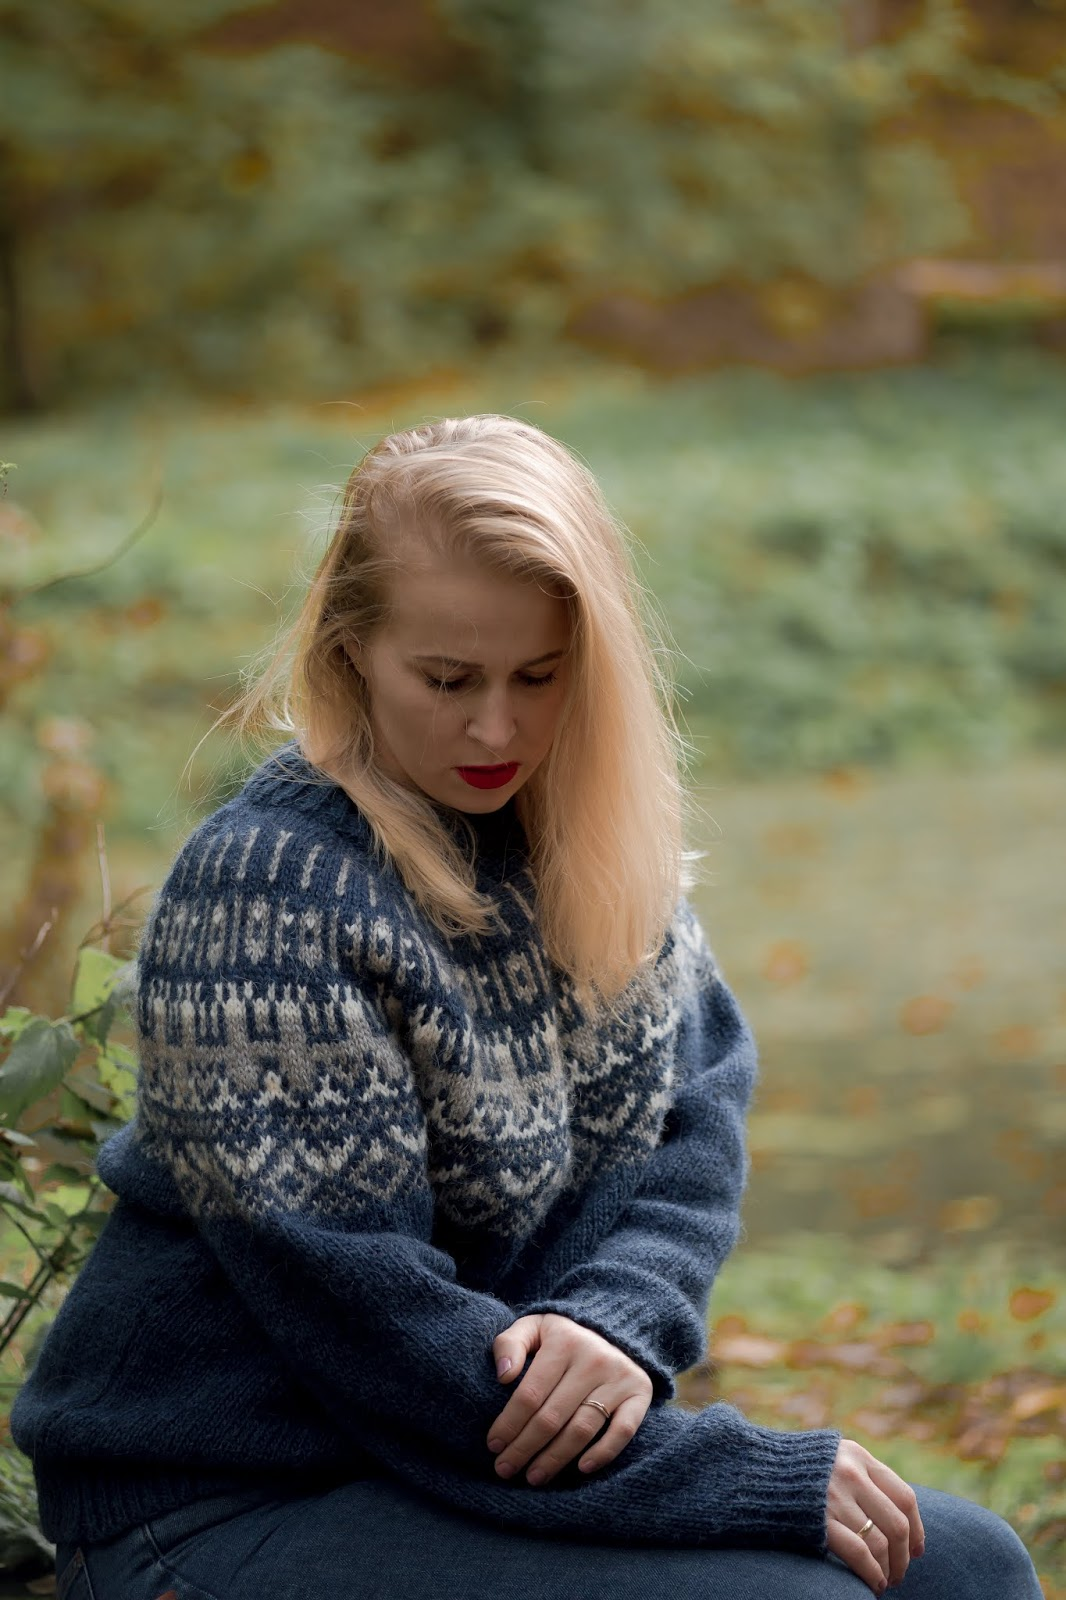 gdzie kupić sweter z dobrym składem z wełny?